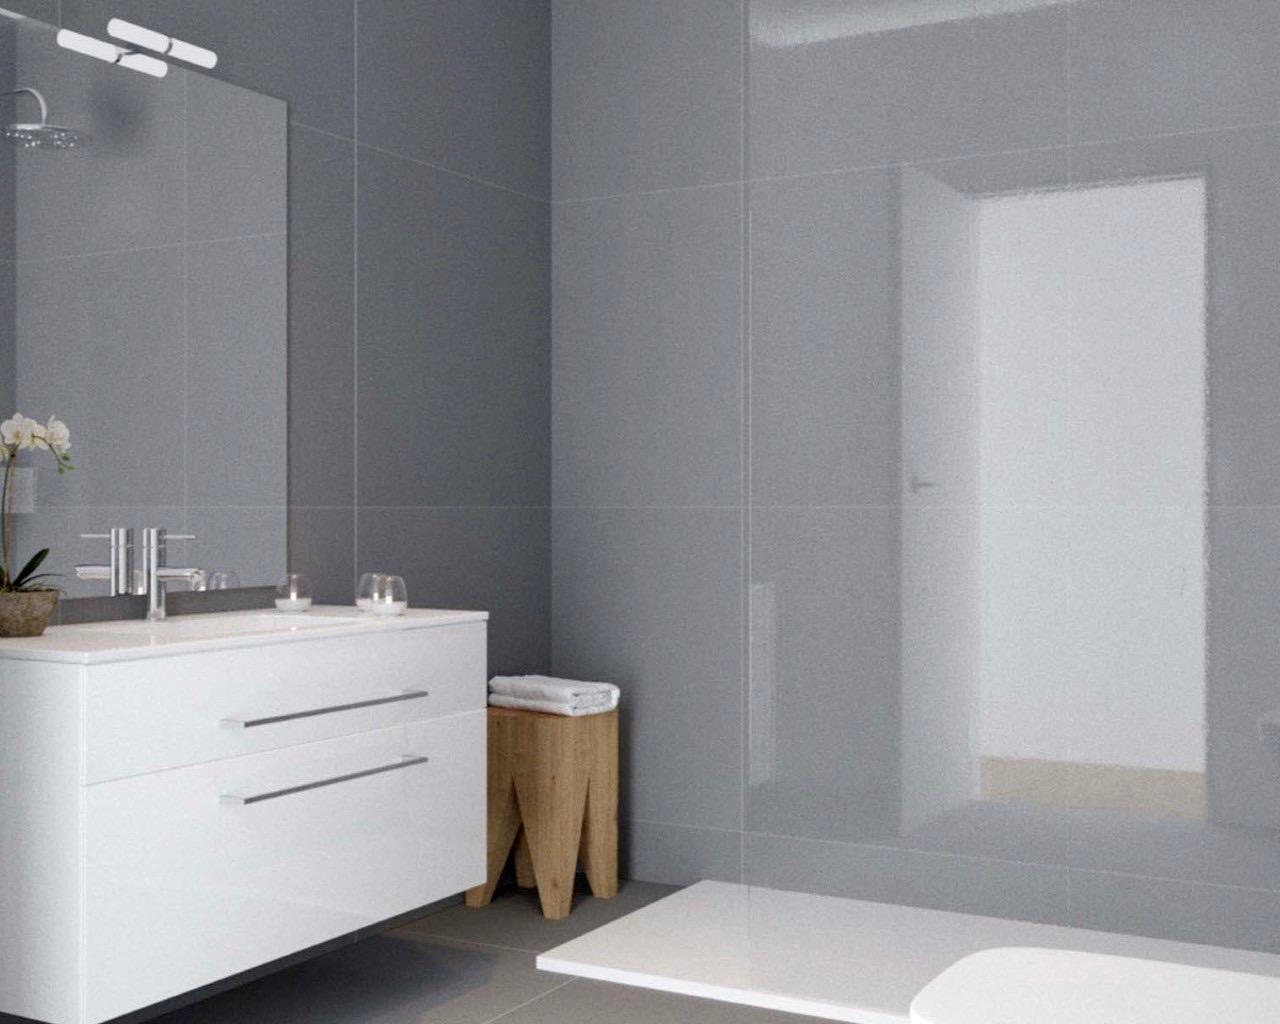 Des finitions qui satisferont les plus exigeants : électroménagers A++, stores Appartement moderne inséré dans une résidence privée à Albufeira  - Algarve